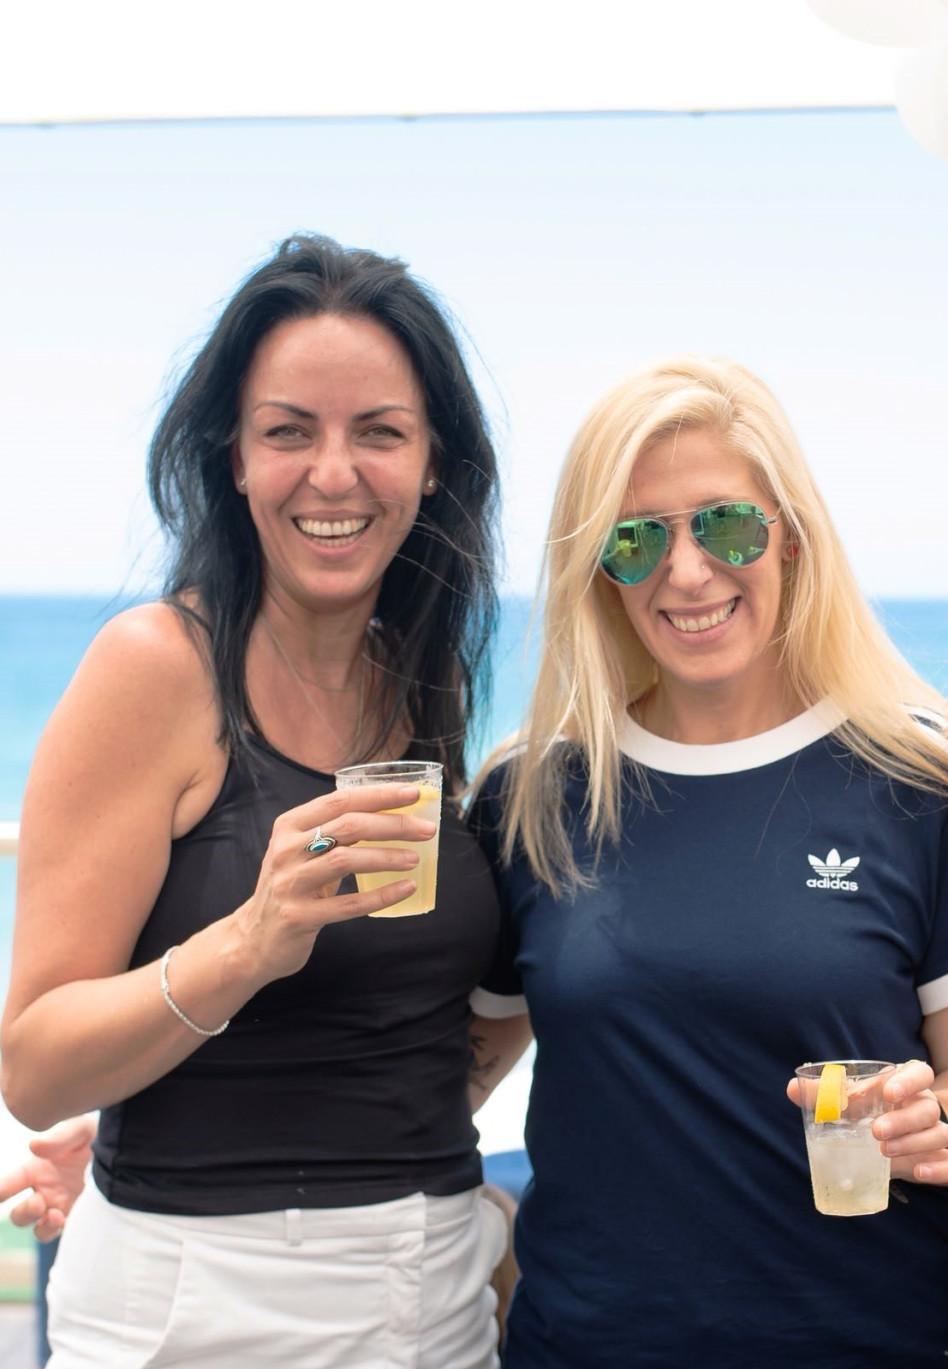 מיכל גרונלנד ורונית אבנר (צילום: אמיר יעקבי)